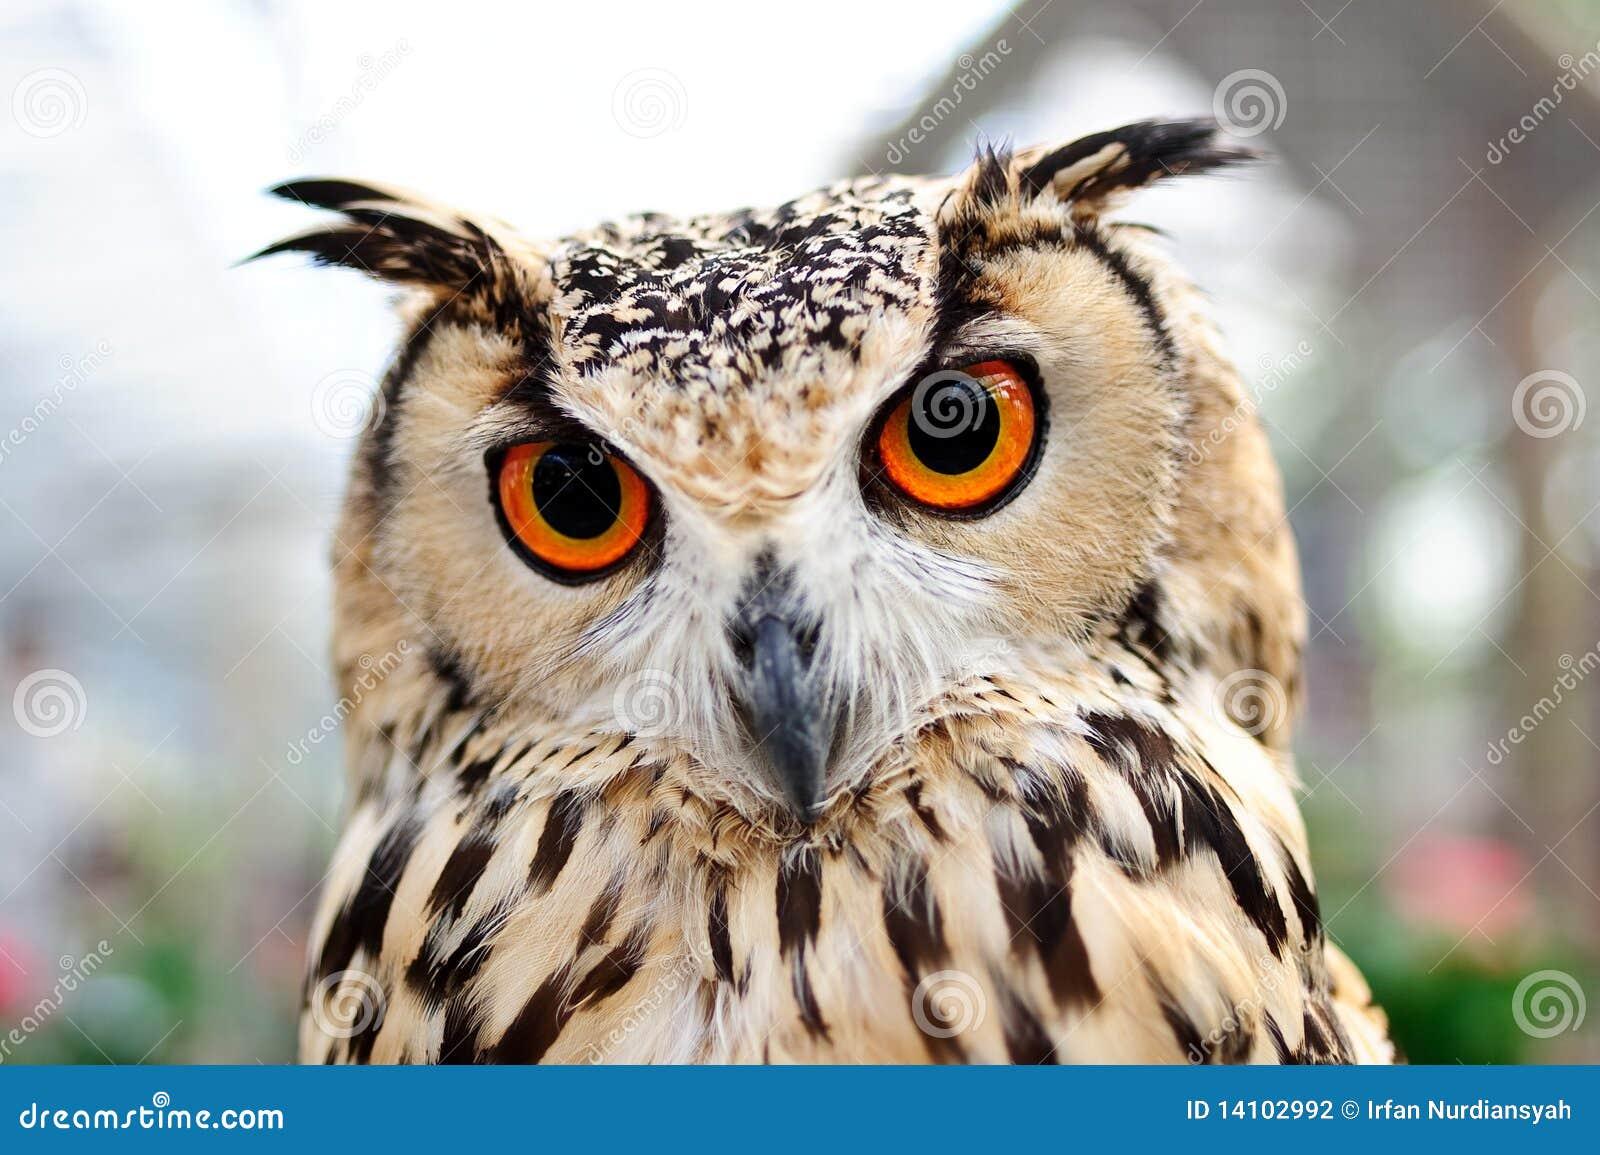 orange eyes owl stock photo image of forest strong